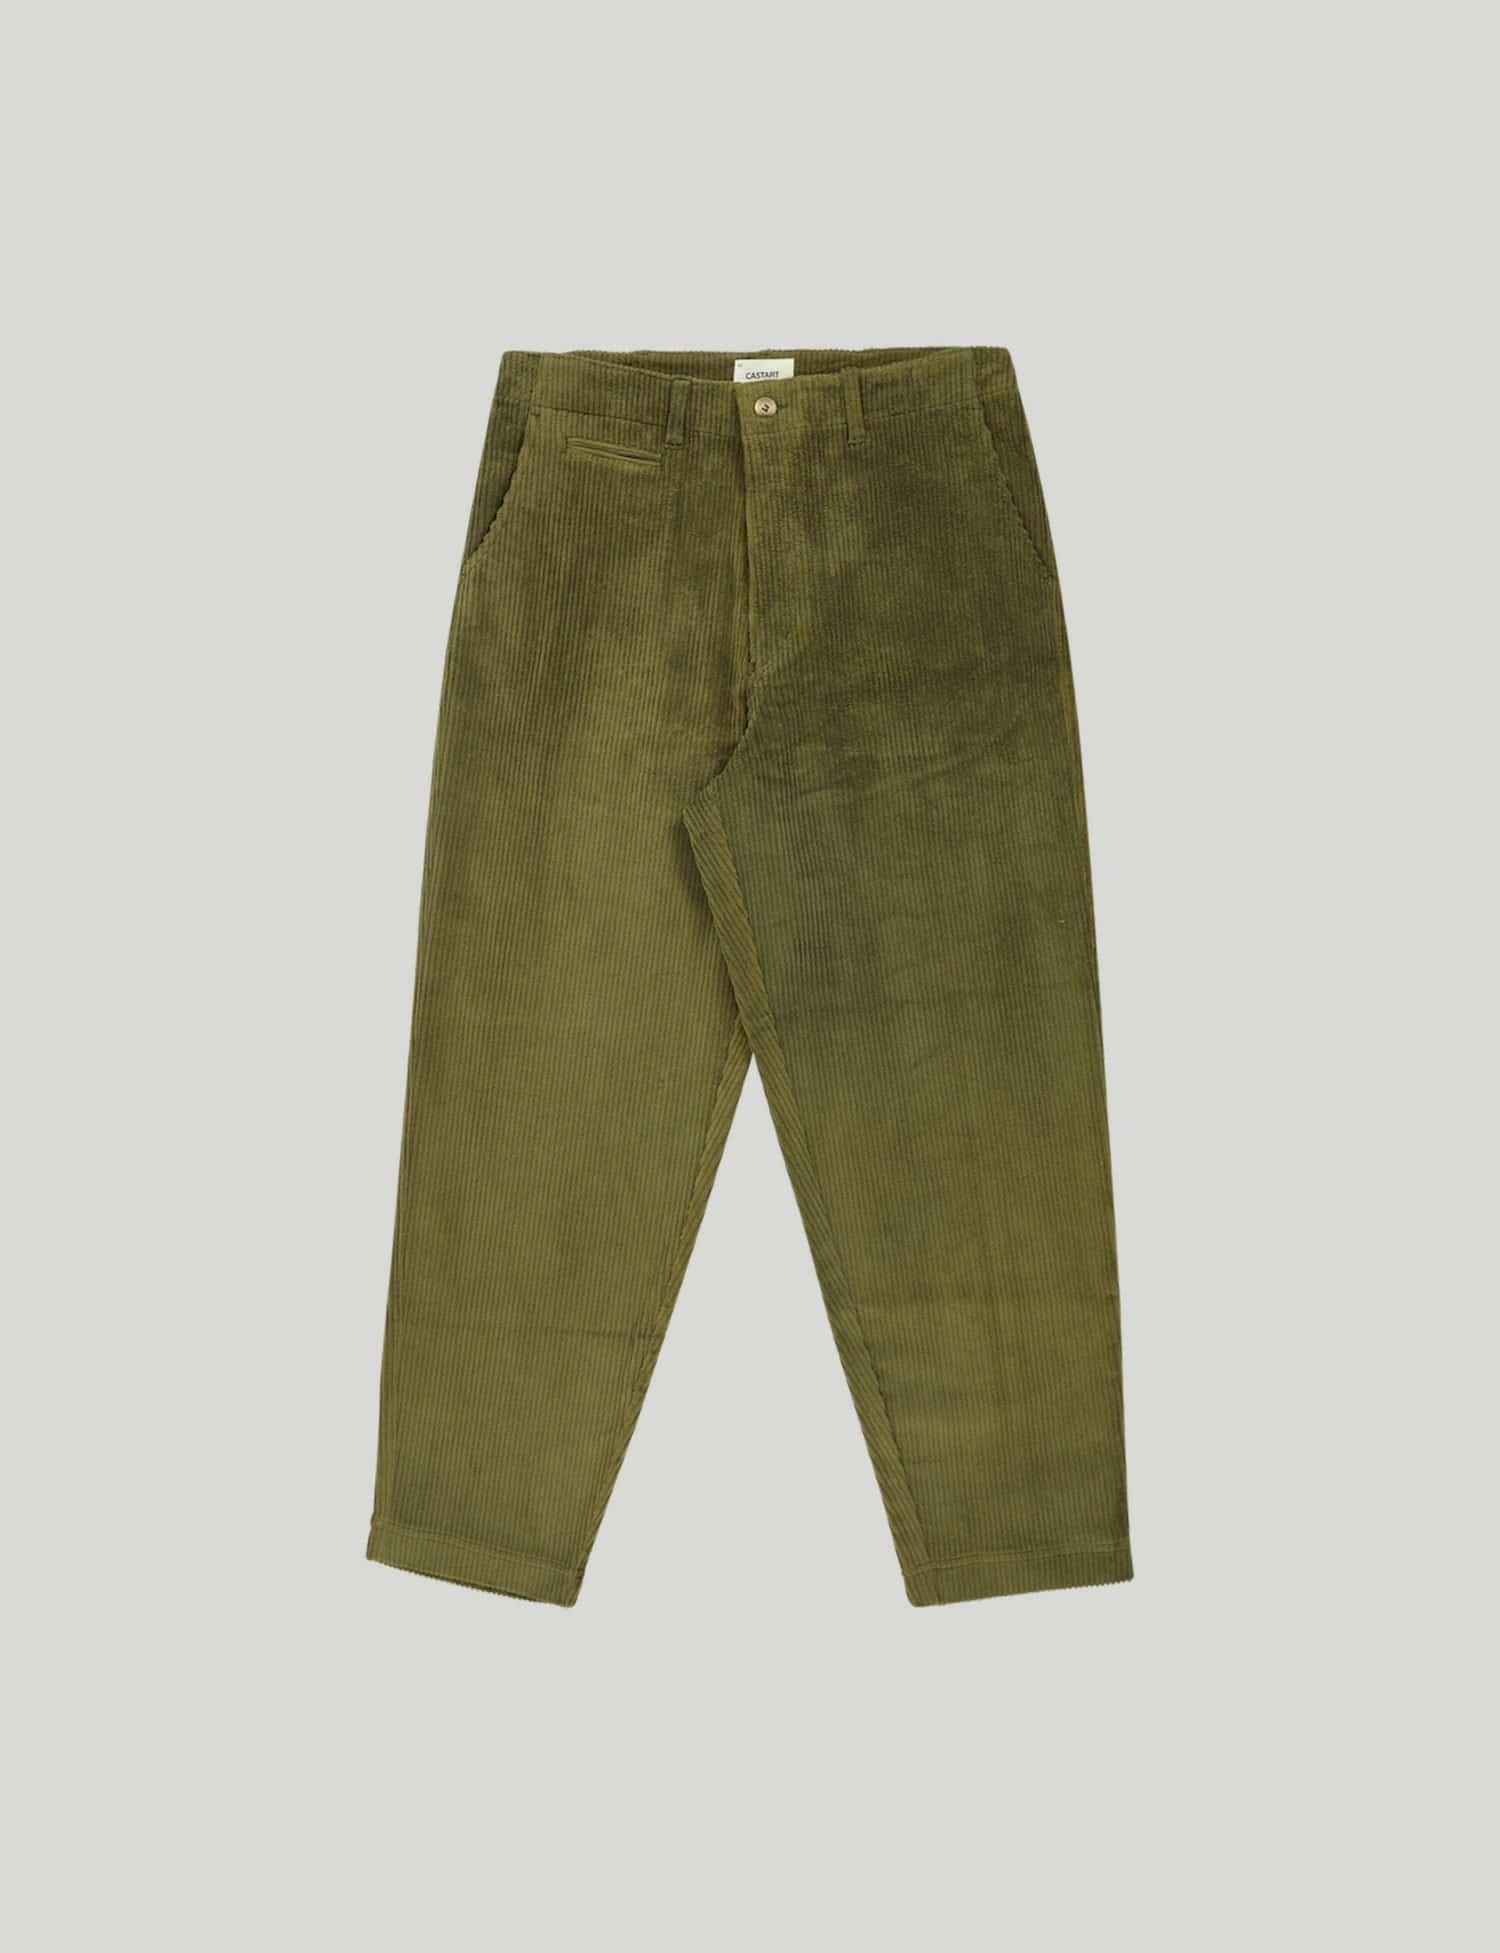 Castart - Hockney Cord Pants - Khaki